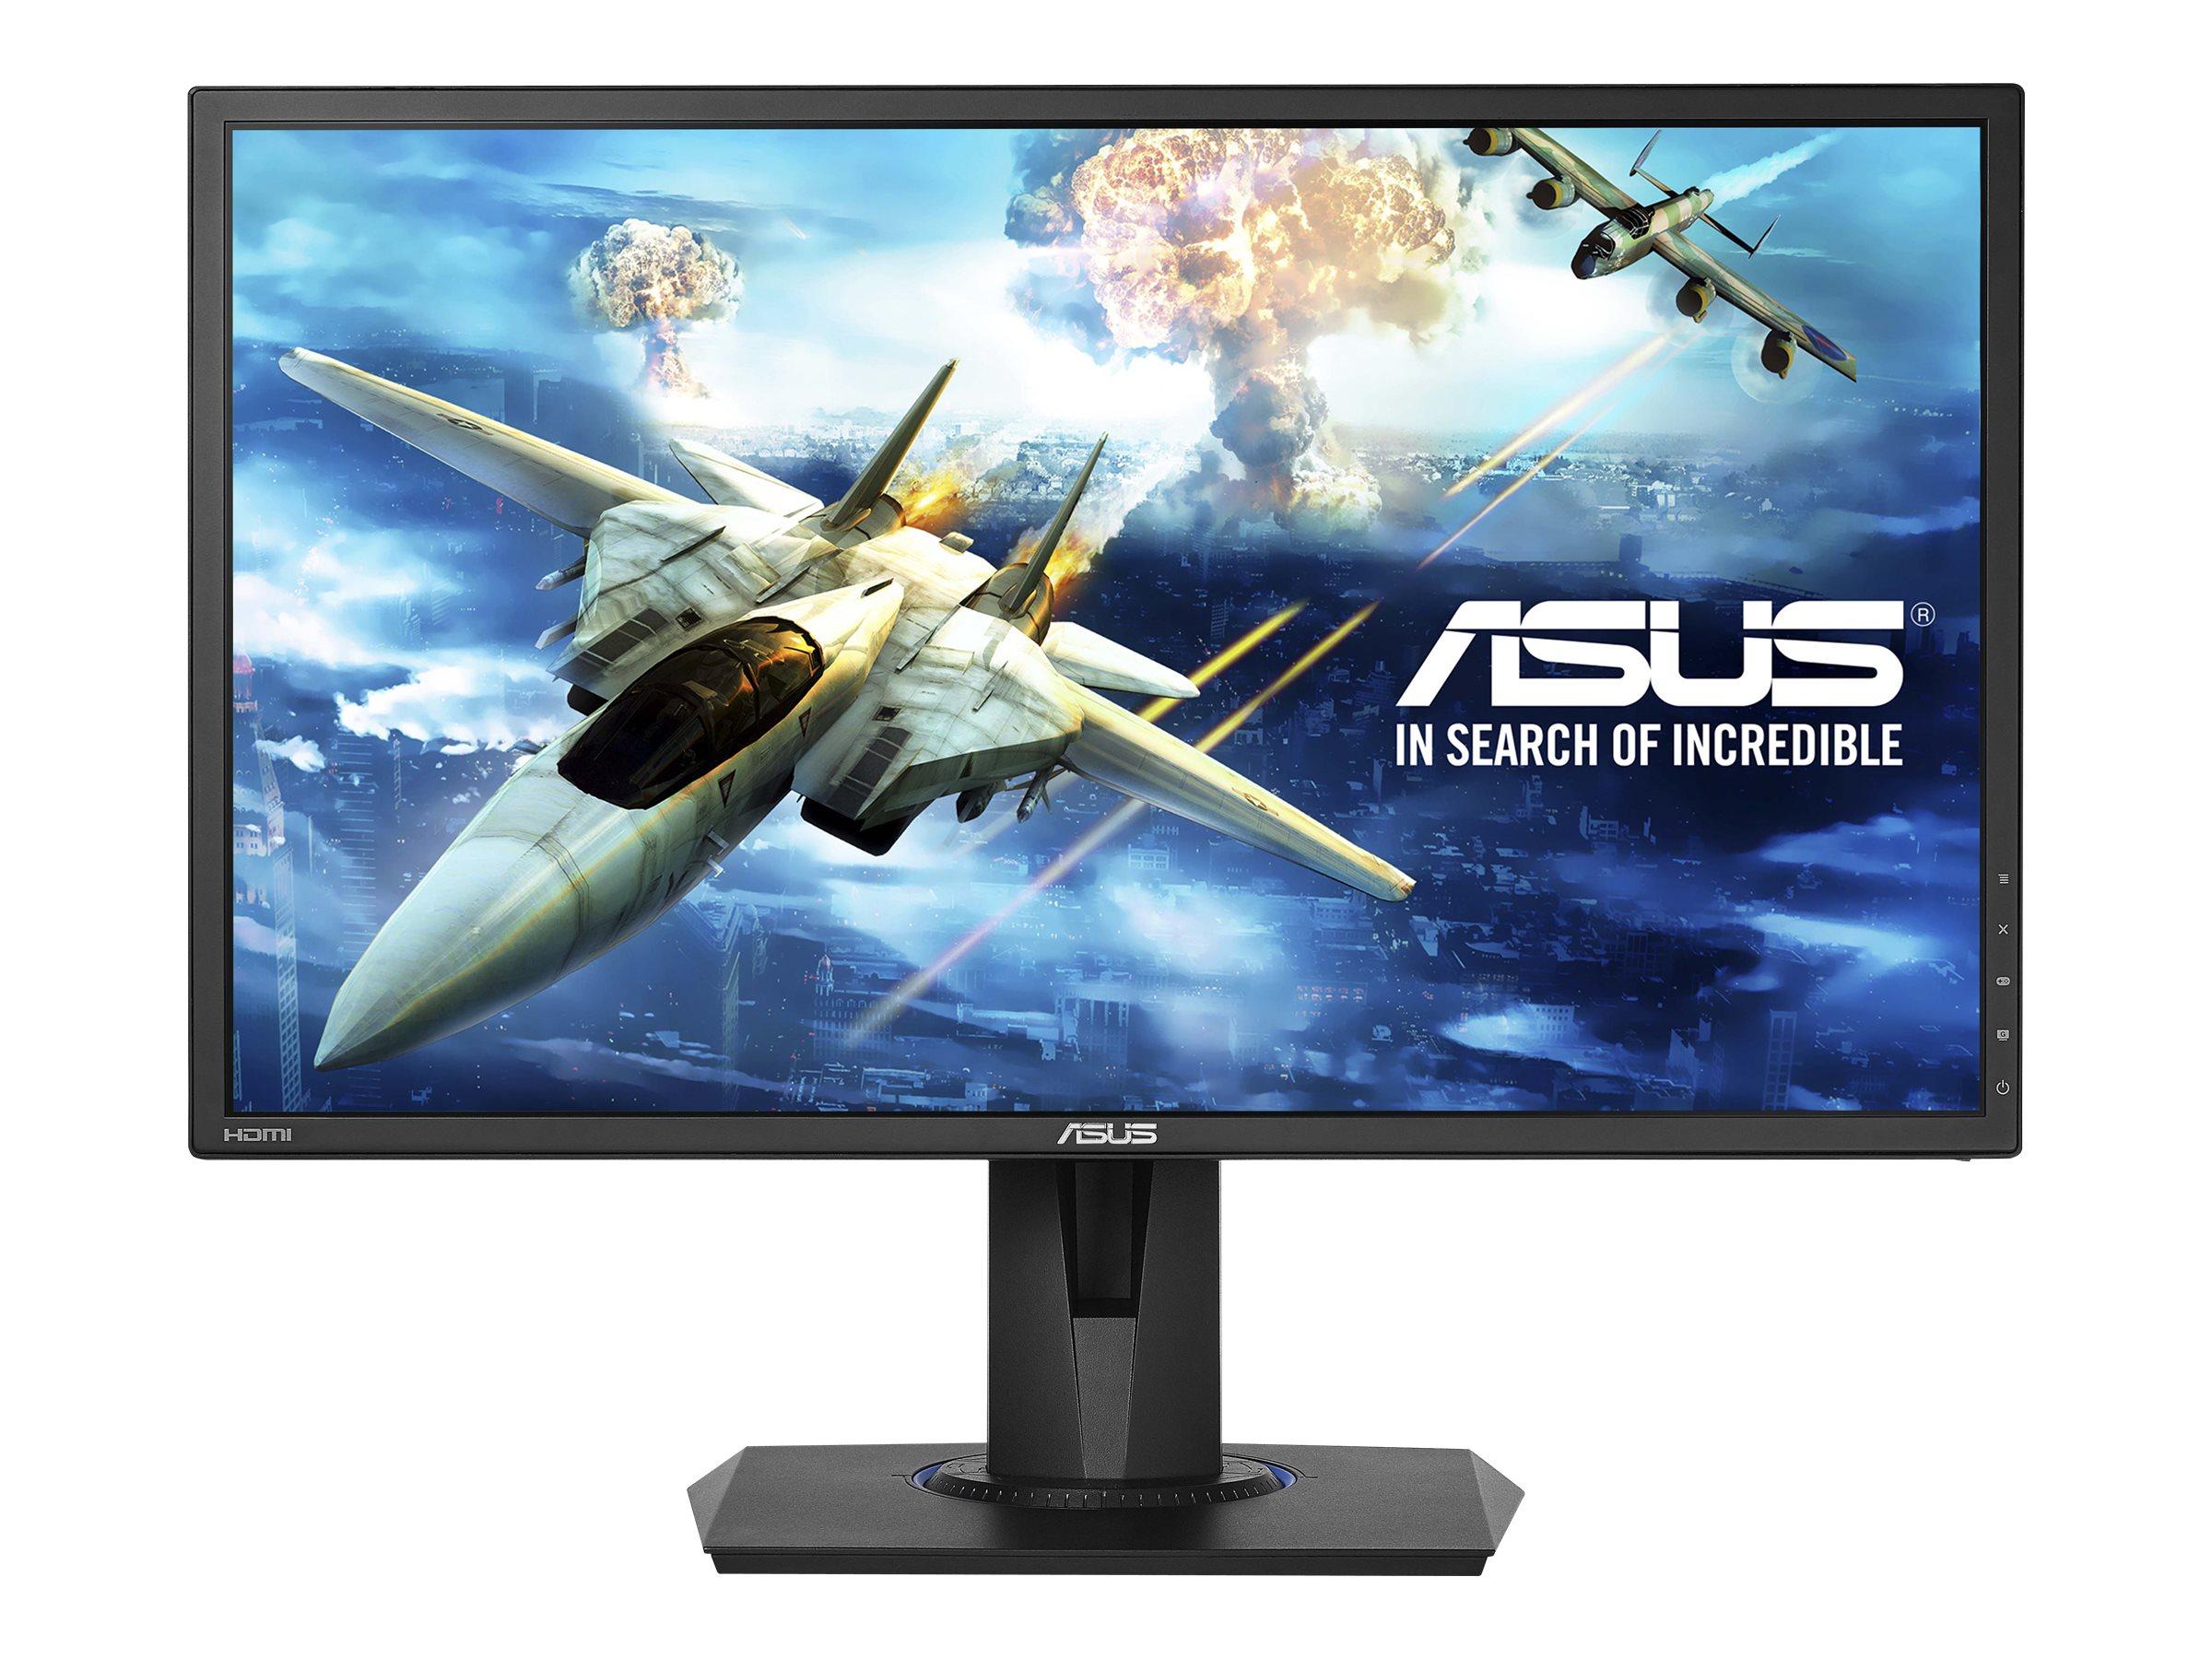 """ASUS VG245H - LED-Monitor - 61 cm (24"""") - 1920 x 1080 Full HD (1080p) TN - 250 cd/m² - 1 ms - 2xHDMI - VGA - Lautsprecher - Schwarz"""